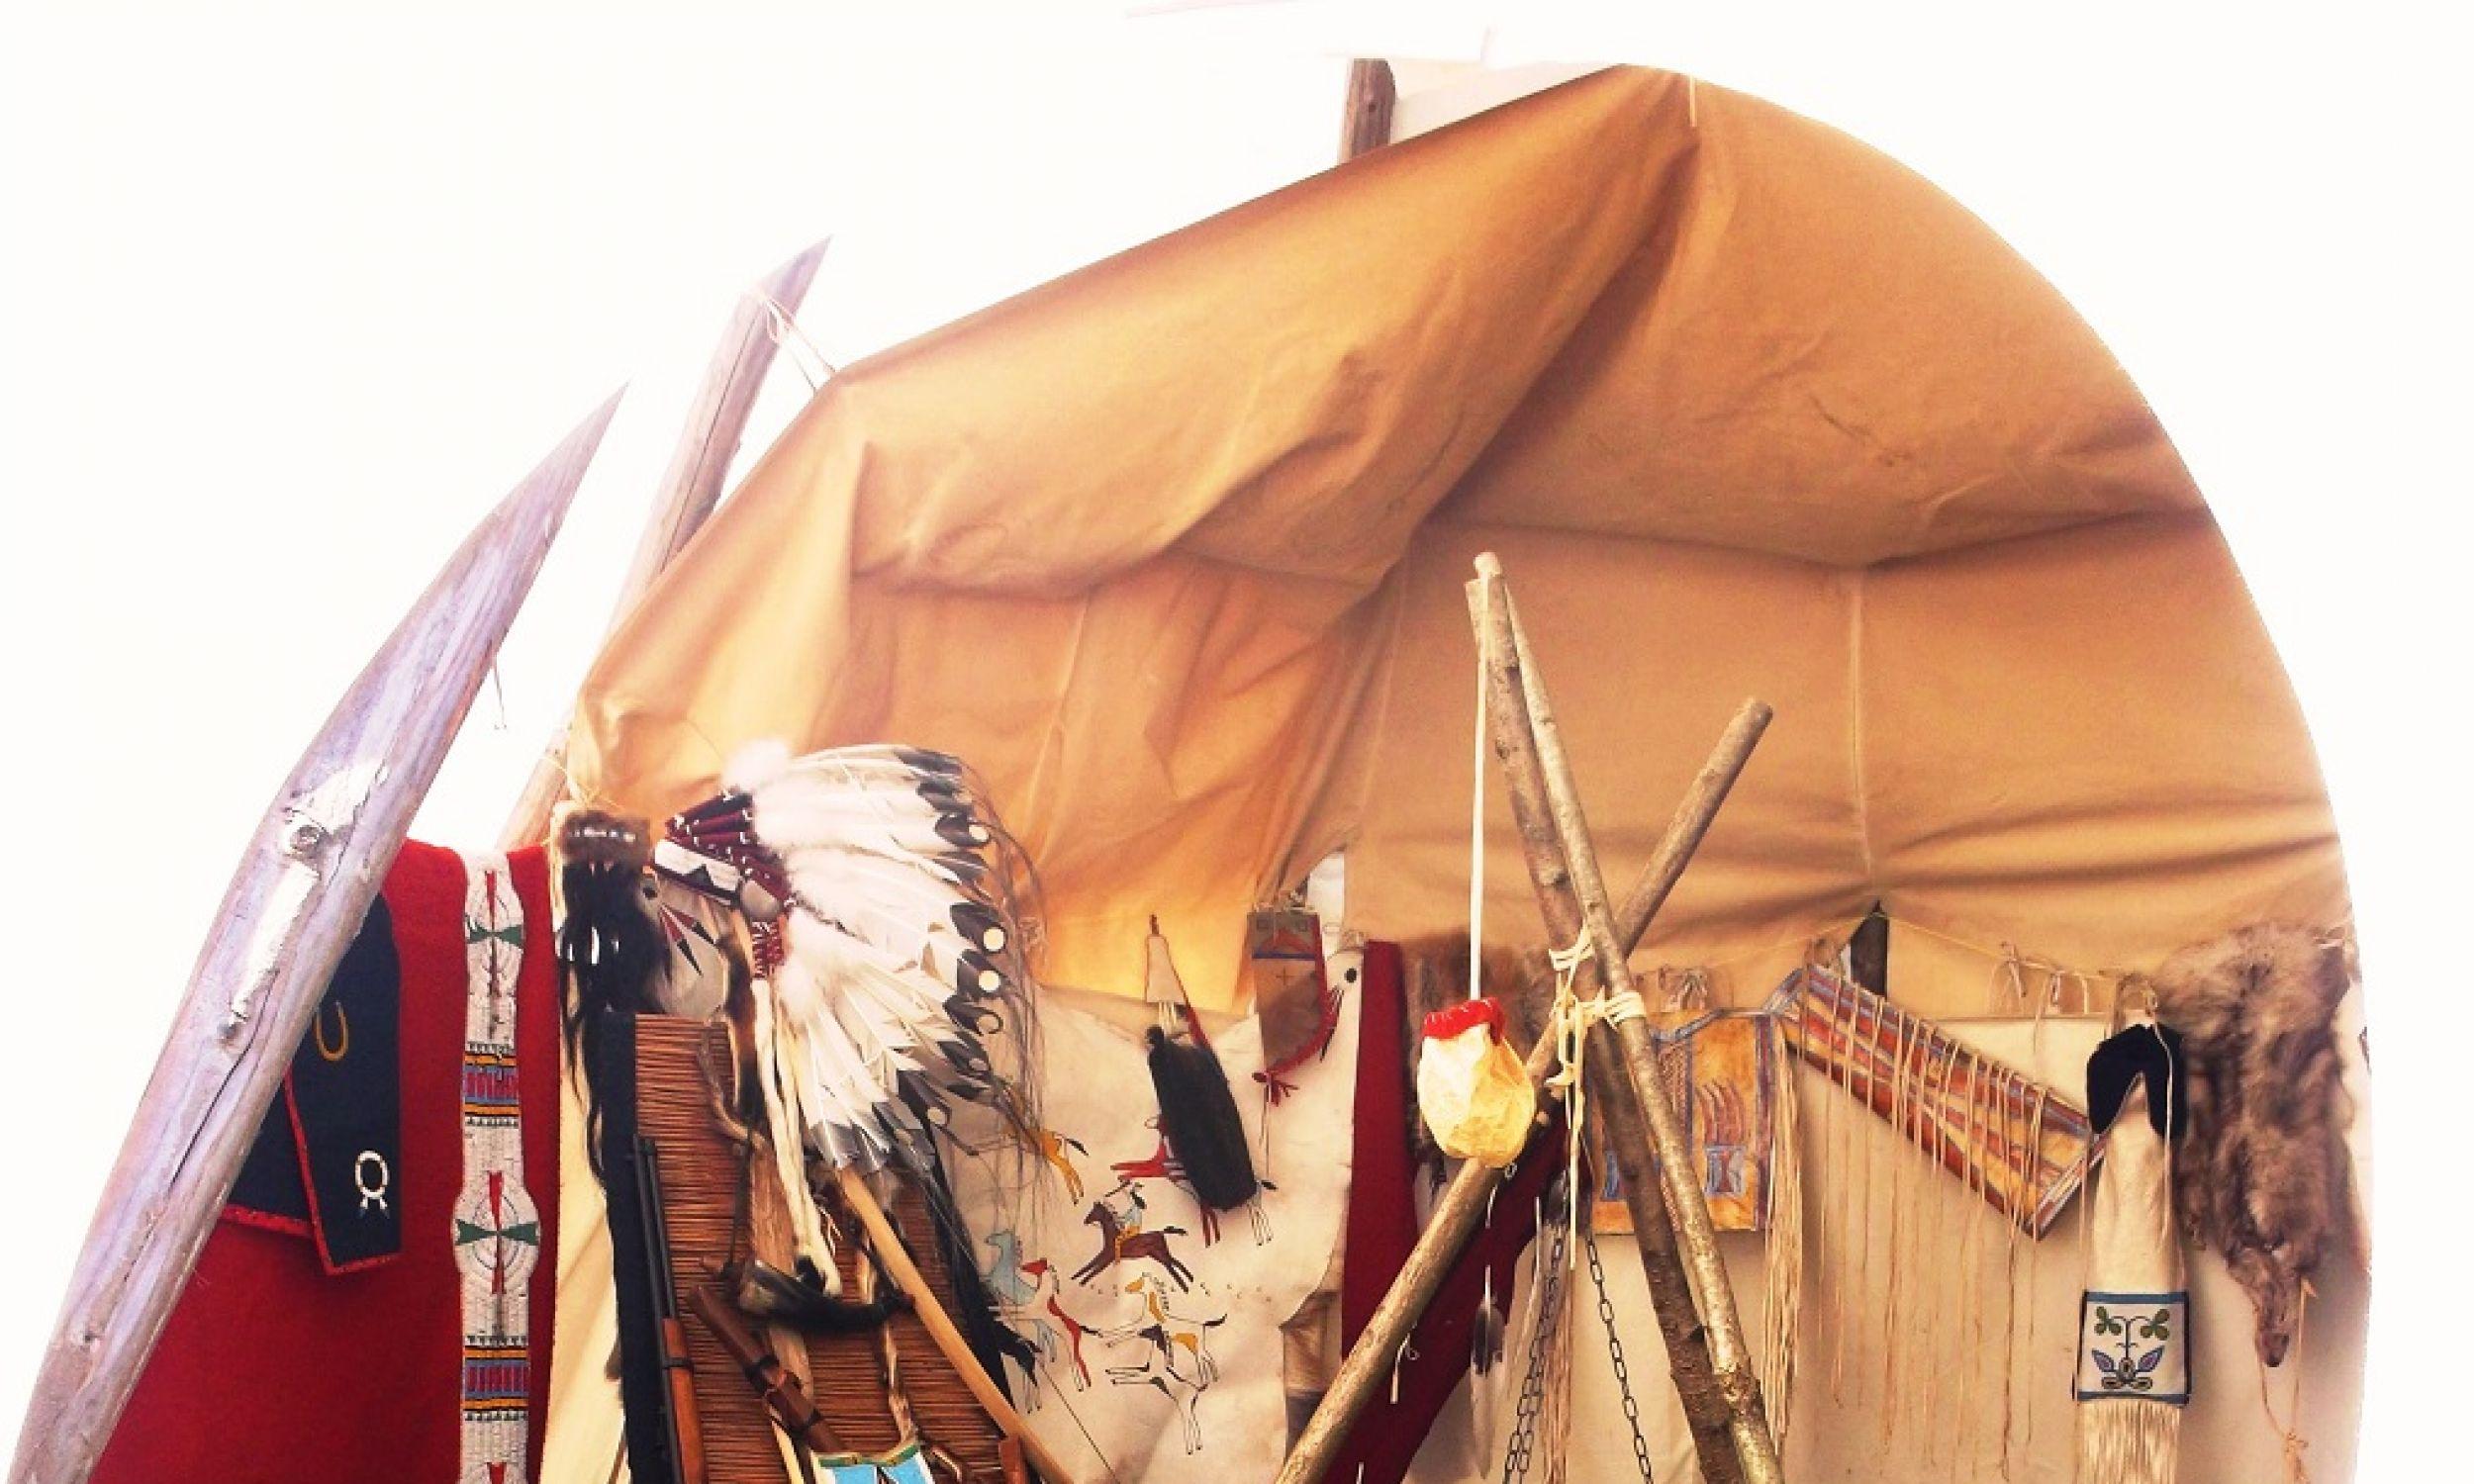 Wnętrze tipi, czyli dawnego domu koczowniczych plemion. Stawiały je kobiety. Pokrycie miały ze skór bizonich, w środku miejsce na ognisko, na szczycie otwór dymny. Dariusz Szybka zgromadził przedmioty codziennego użytku z przełomu XVIII i XIX wieku, a część stworzył sam wg dawnych wzorców (stroje, broń  i instrumenty muzyczne). Użył tych samych materiałów i technik, jak np. ozdabianie kolcem igłozwierza amerykańskiego (Ursona) – uczył go Indianin z rezerwatu Siuksów. Fot. Anna Jovicz, archiwum prywatne DS